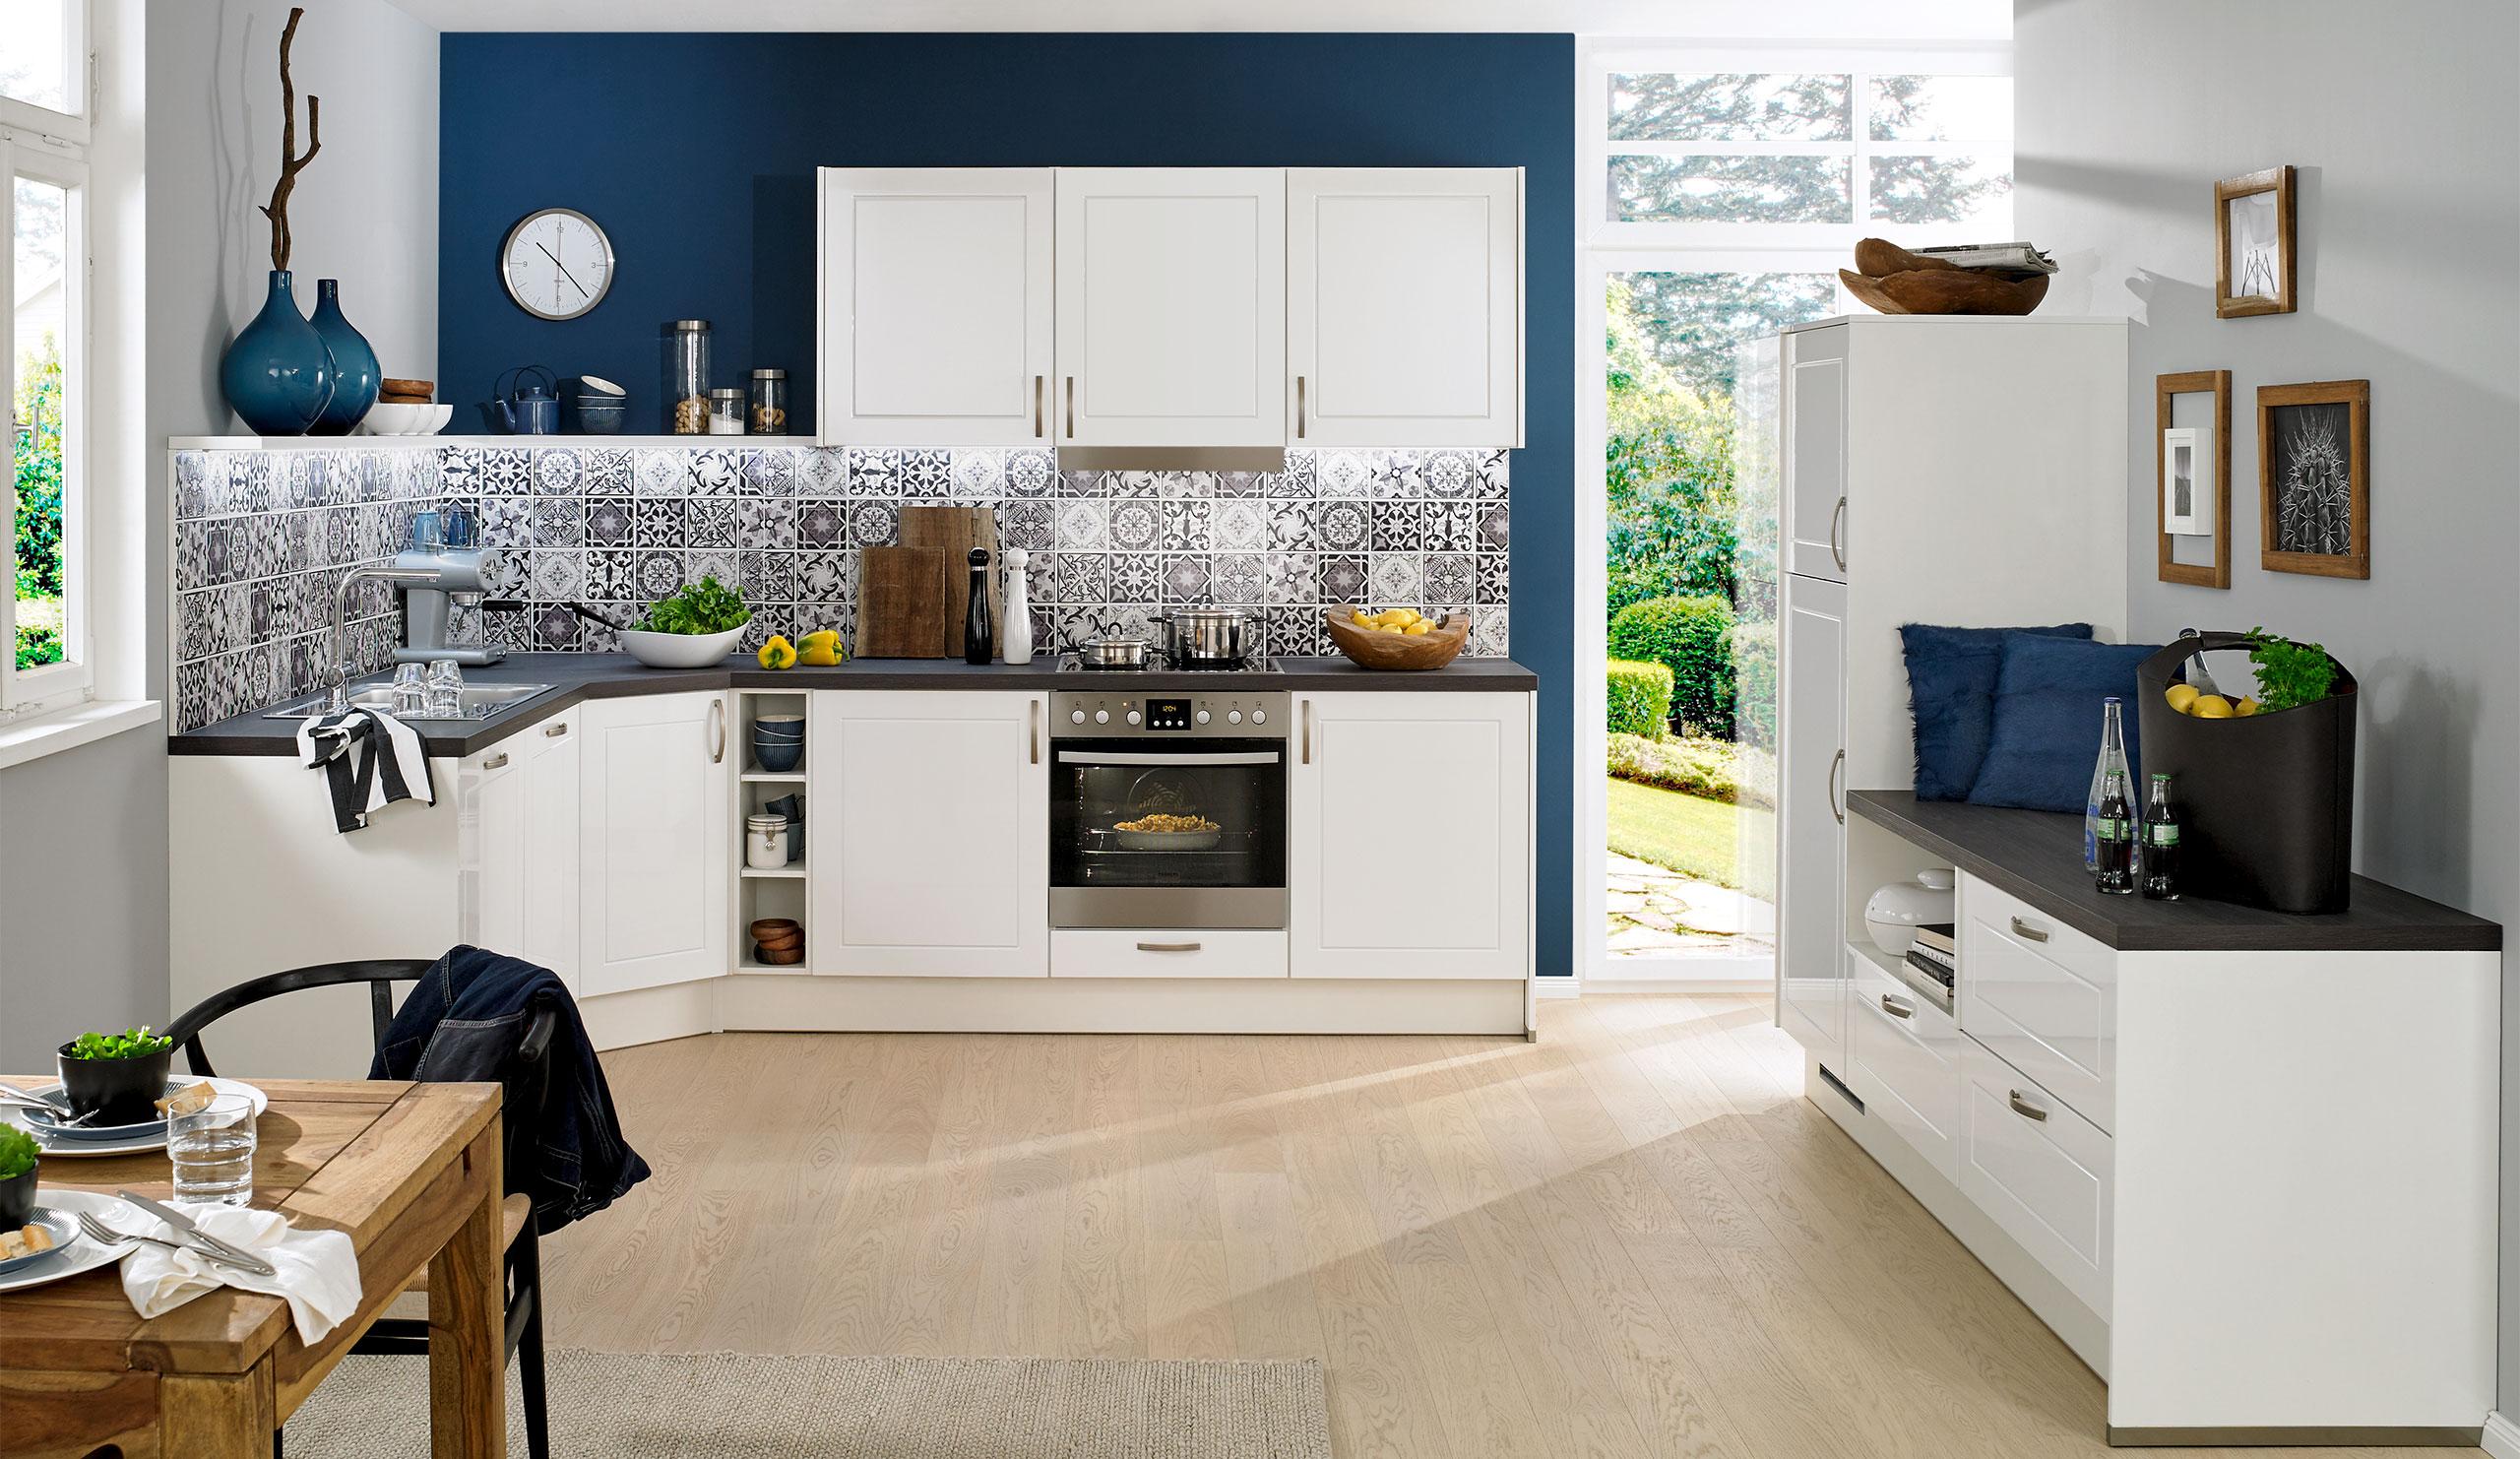 Full Size of Moderne Küche Weiß Hochglanz Anrichte Küche Weiß Hochglanz Küche Weiß Hochglanz Landhaus Unterschrank Küche Weiß Hochglanz Küche Küche Weiß Hochglanz